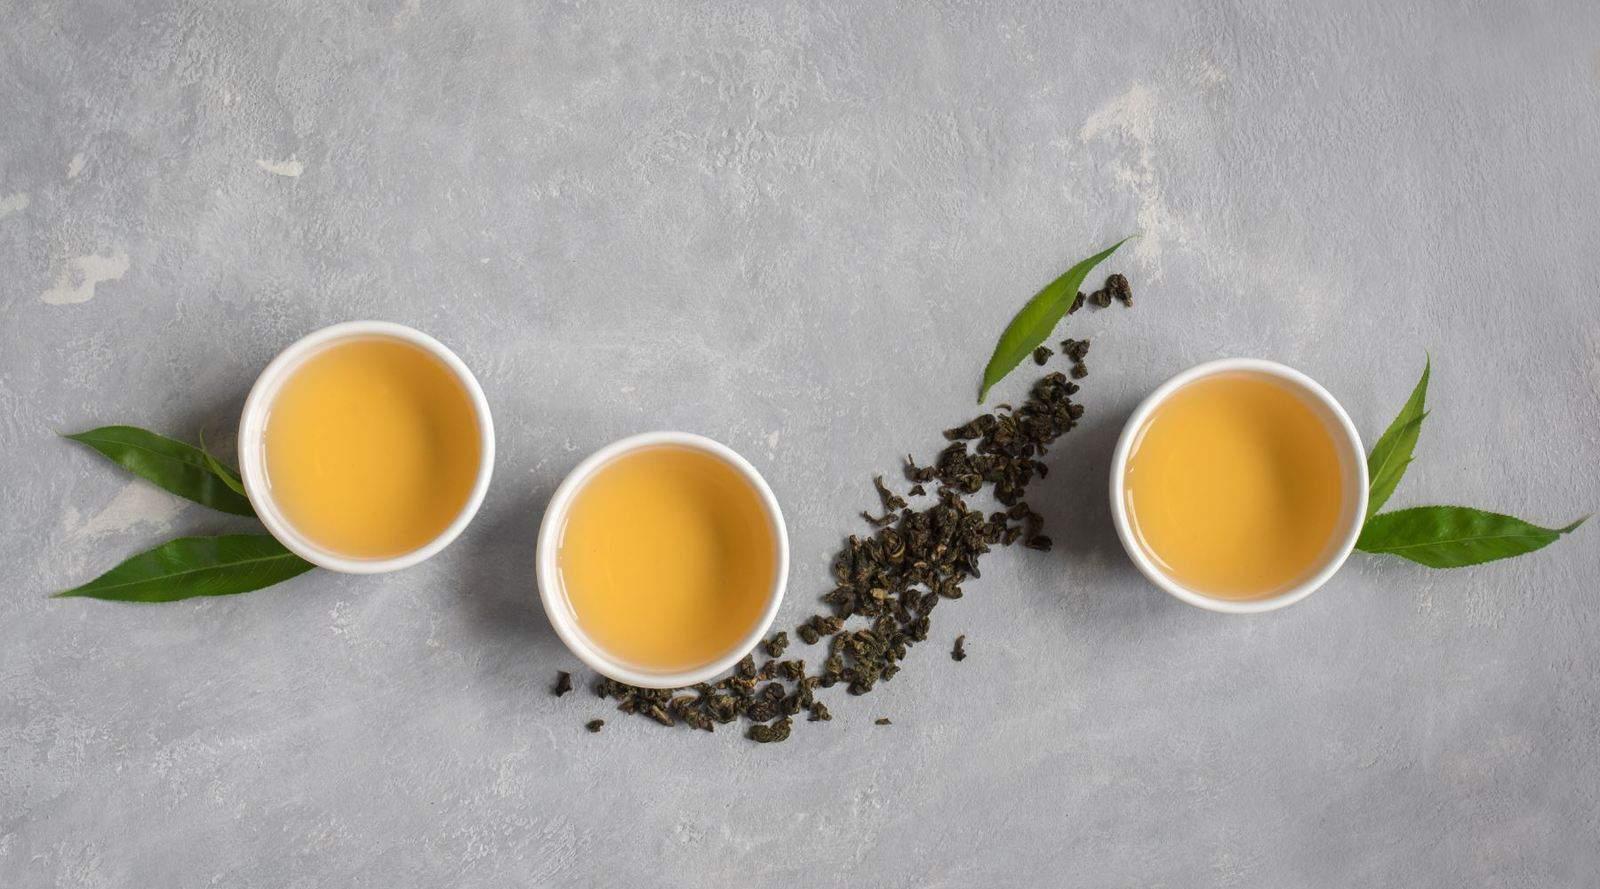 Полуферментированный чай улун - купить в интернет-магазине Leader Coffee